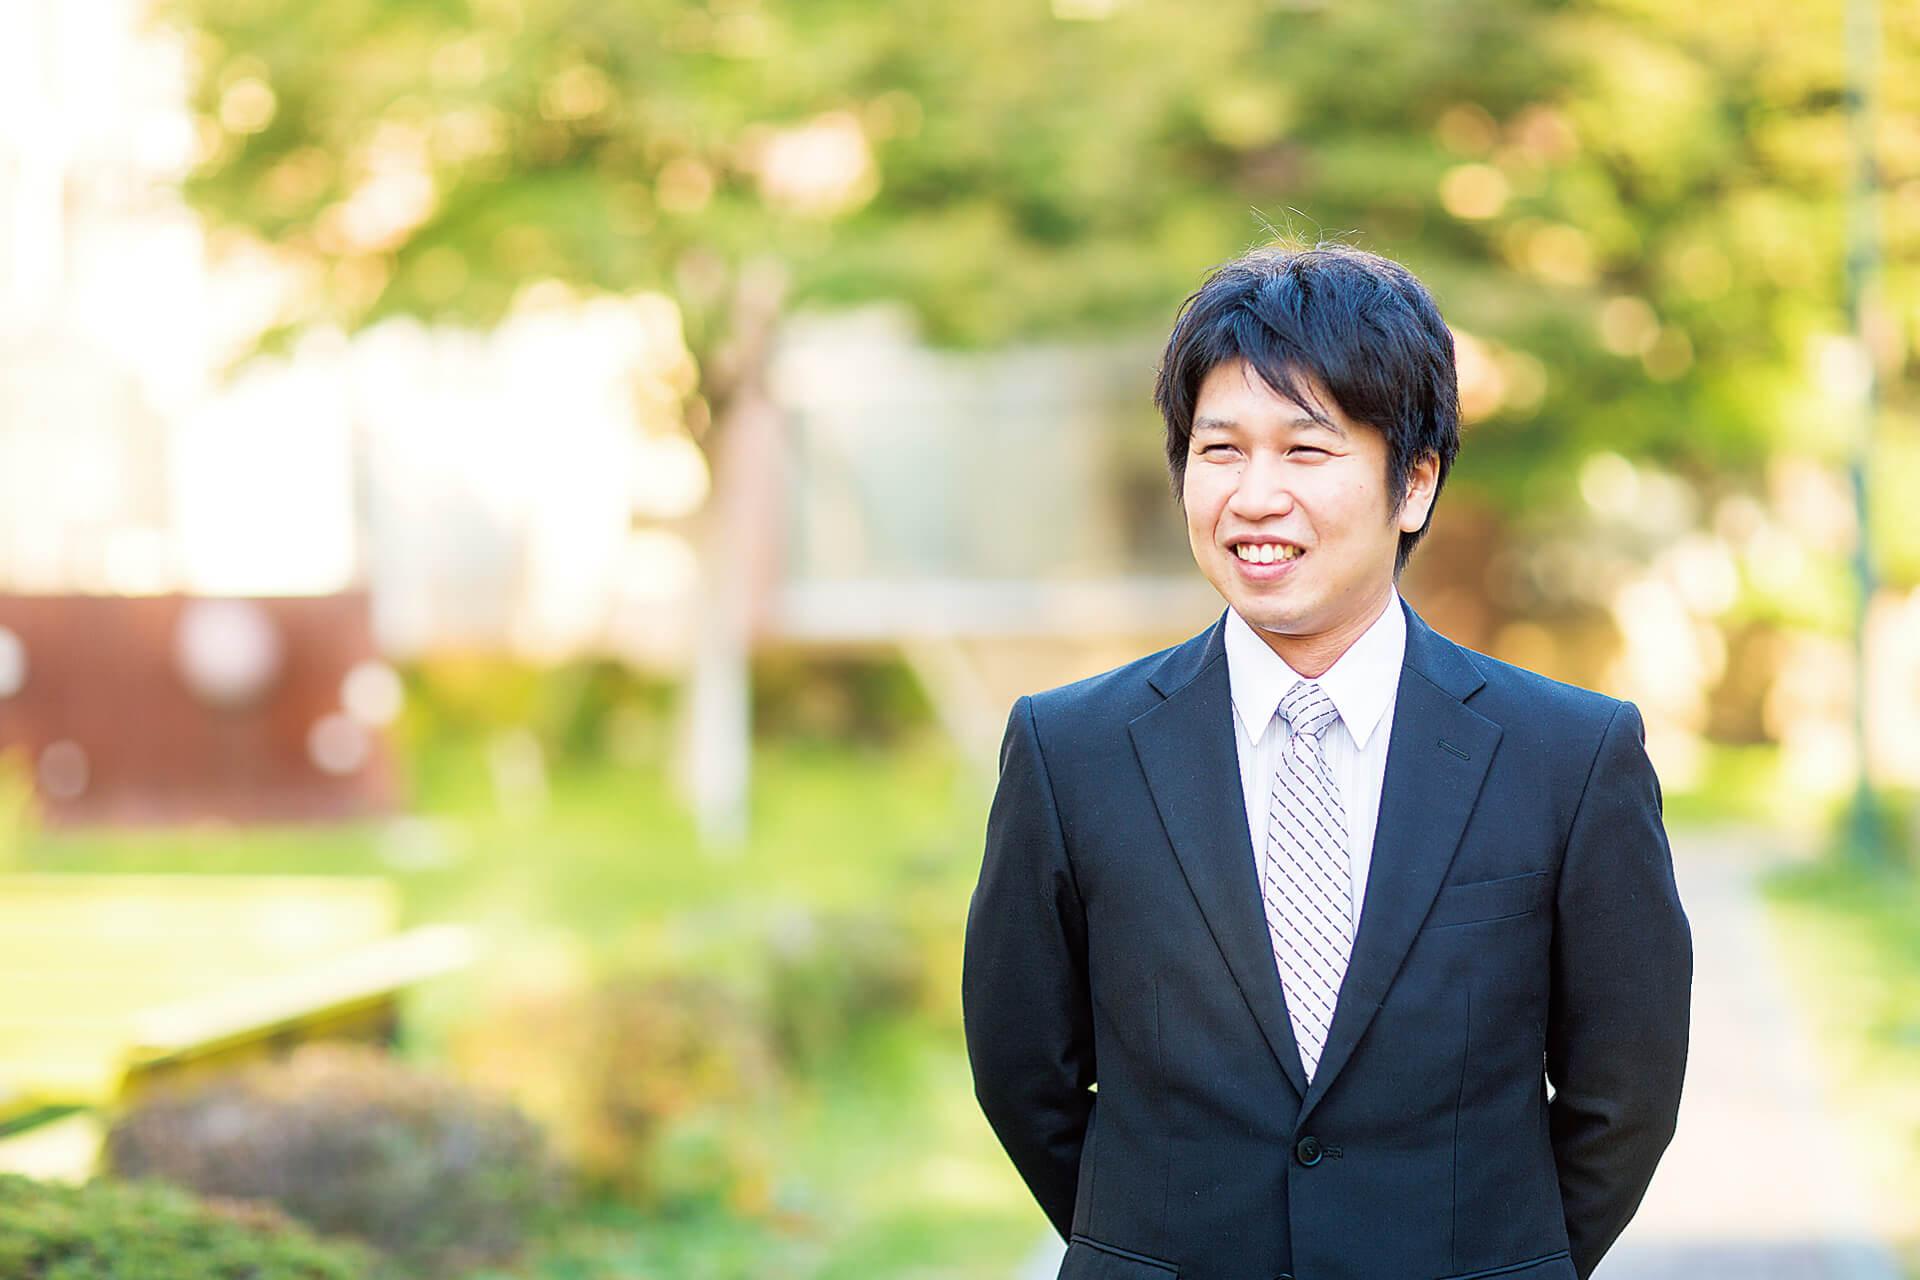 卒業生のメッセージ 菅野 浩平さん